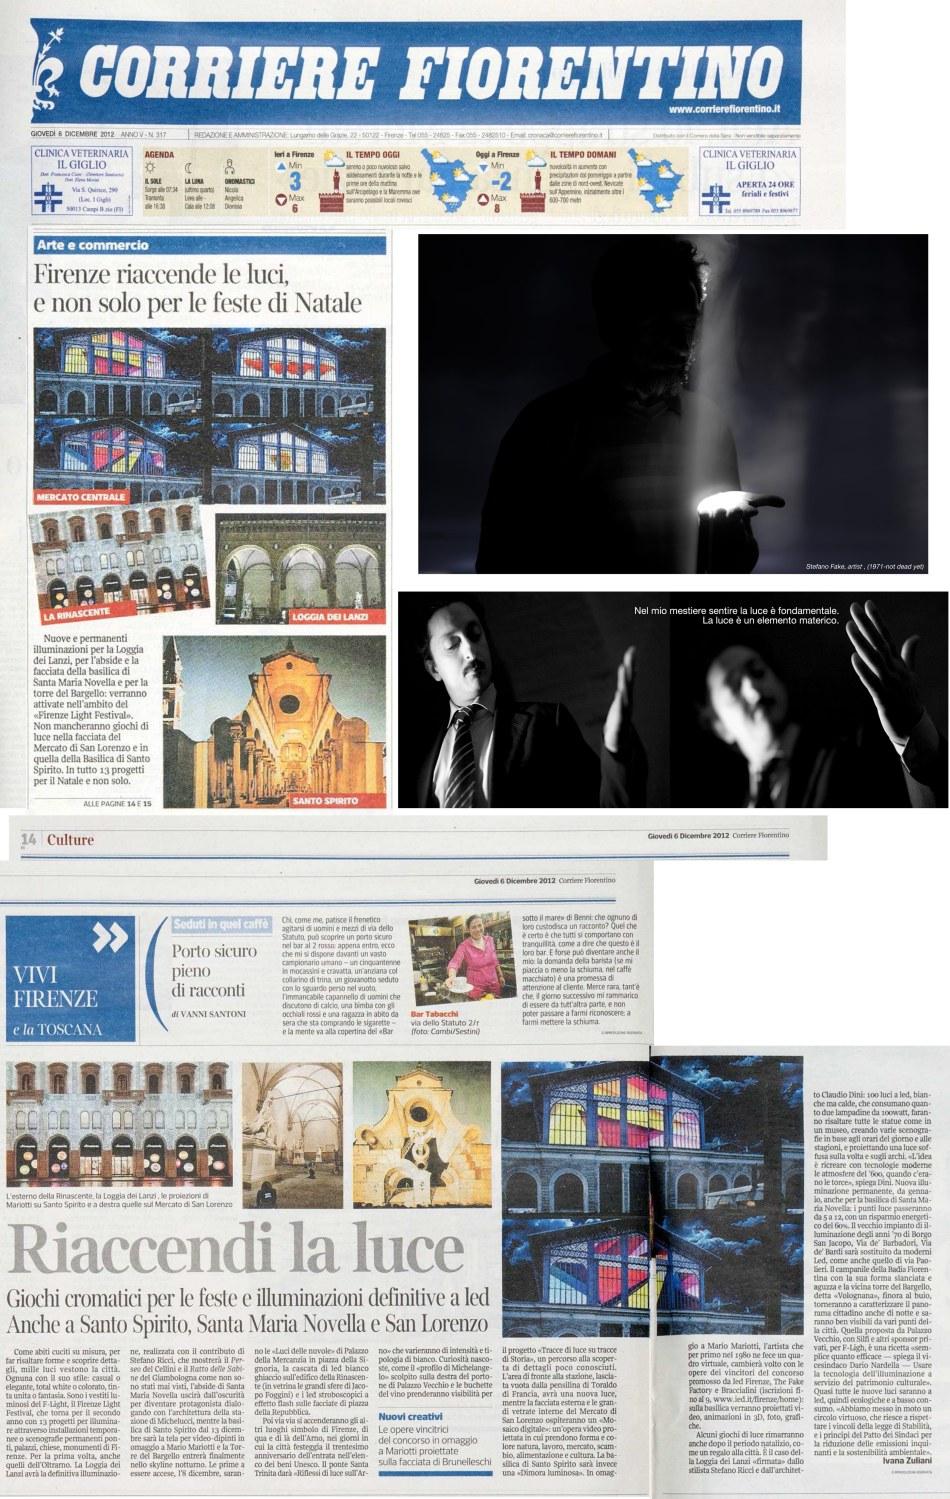 Corriere-Fiorentino_06-12-2012